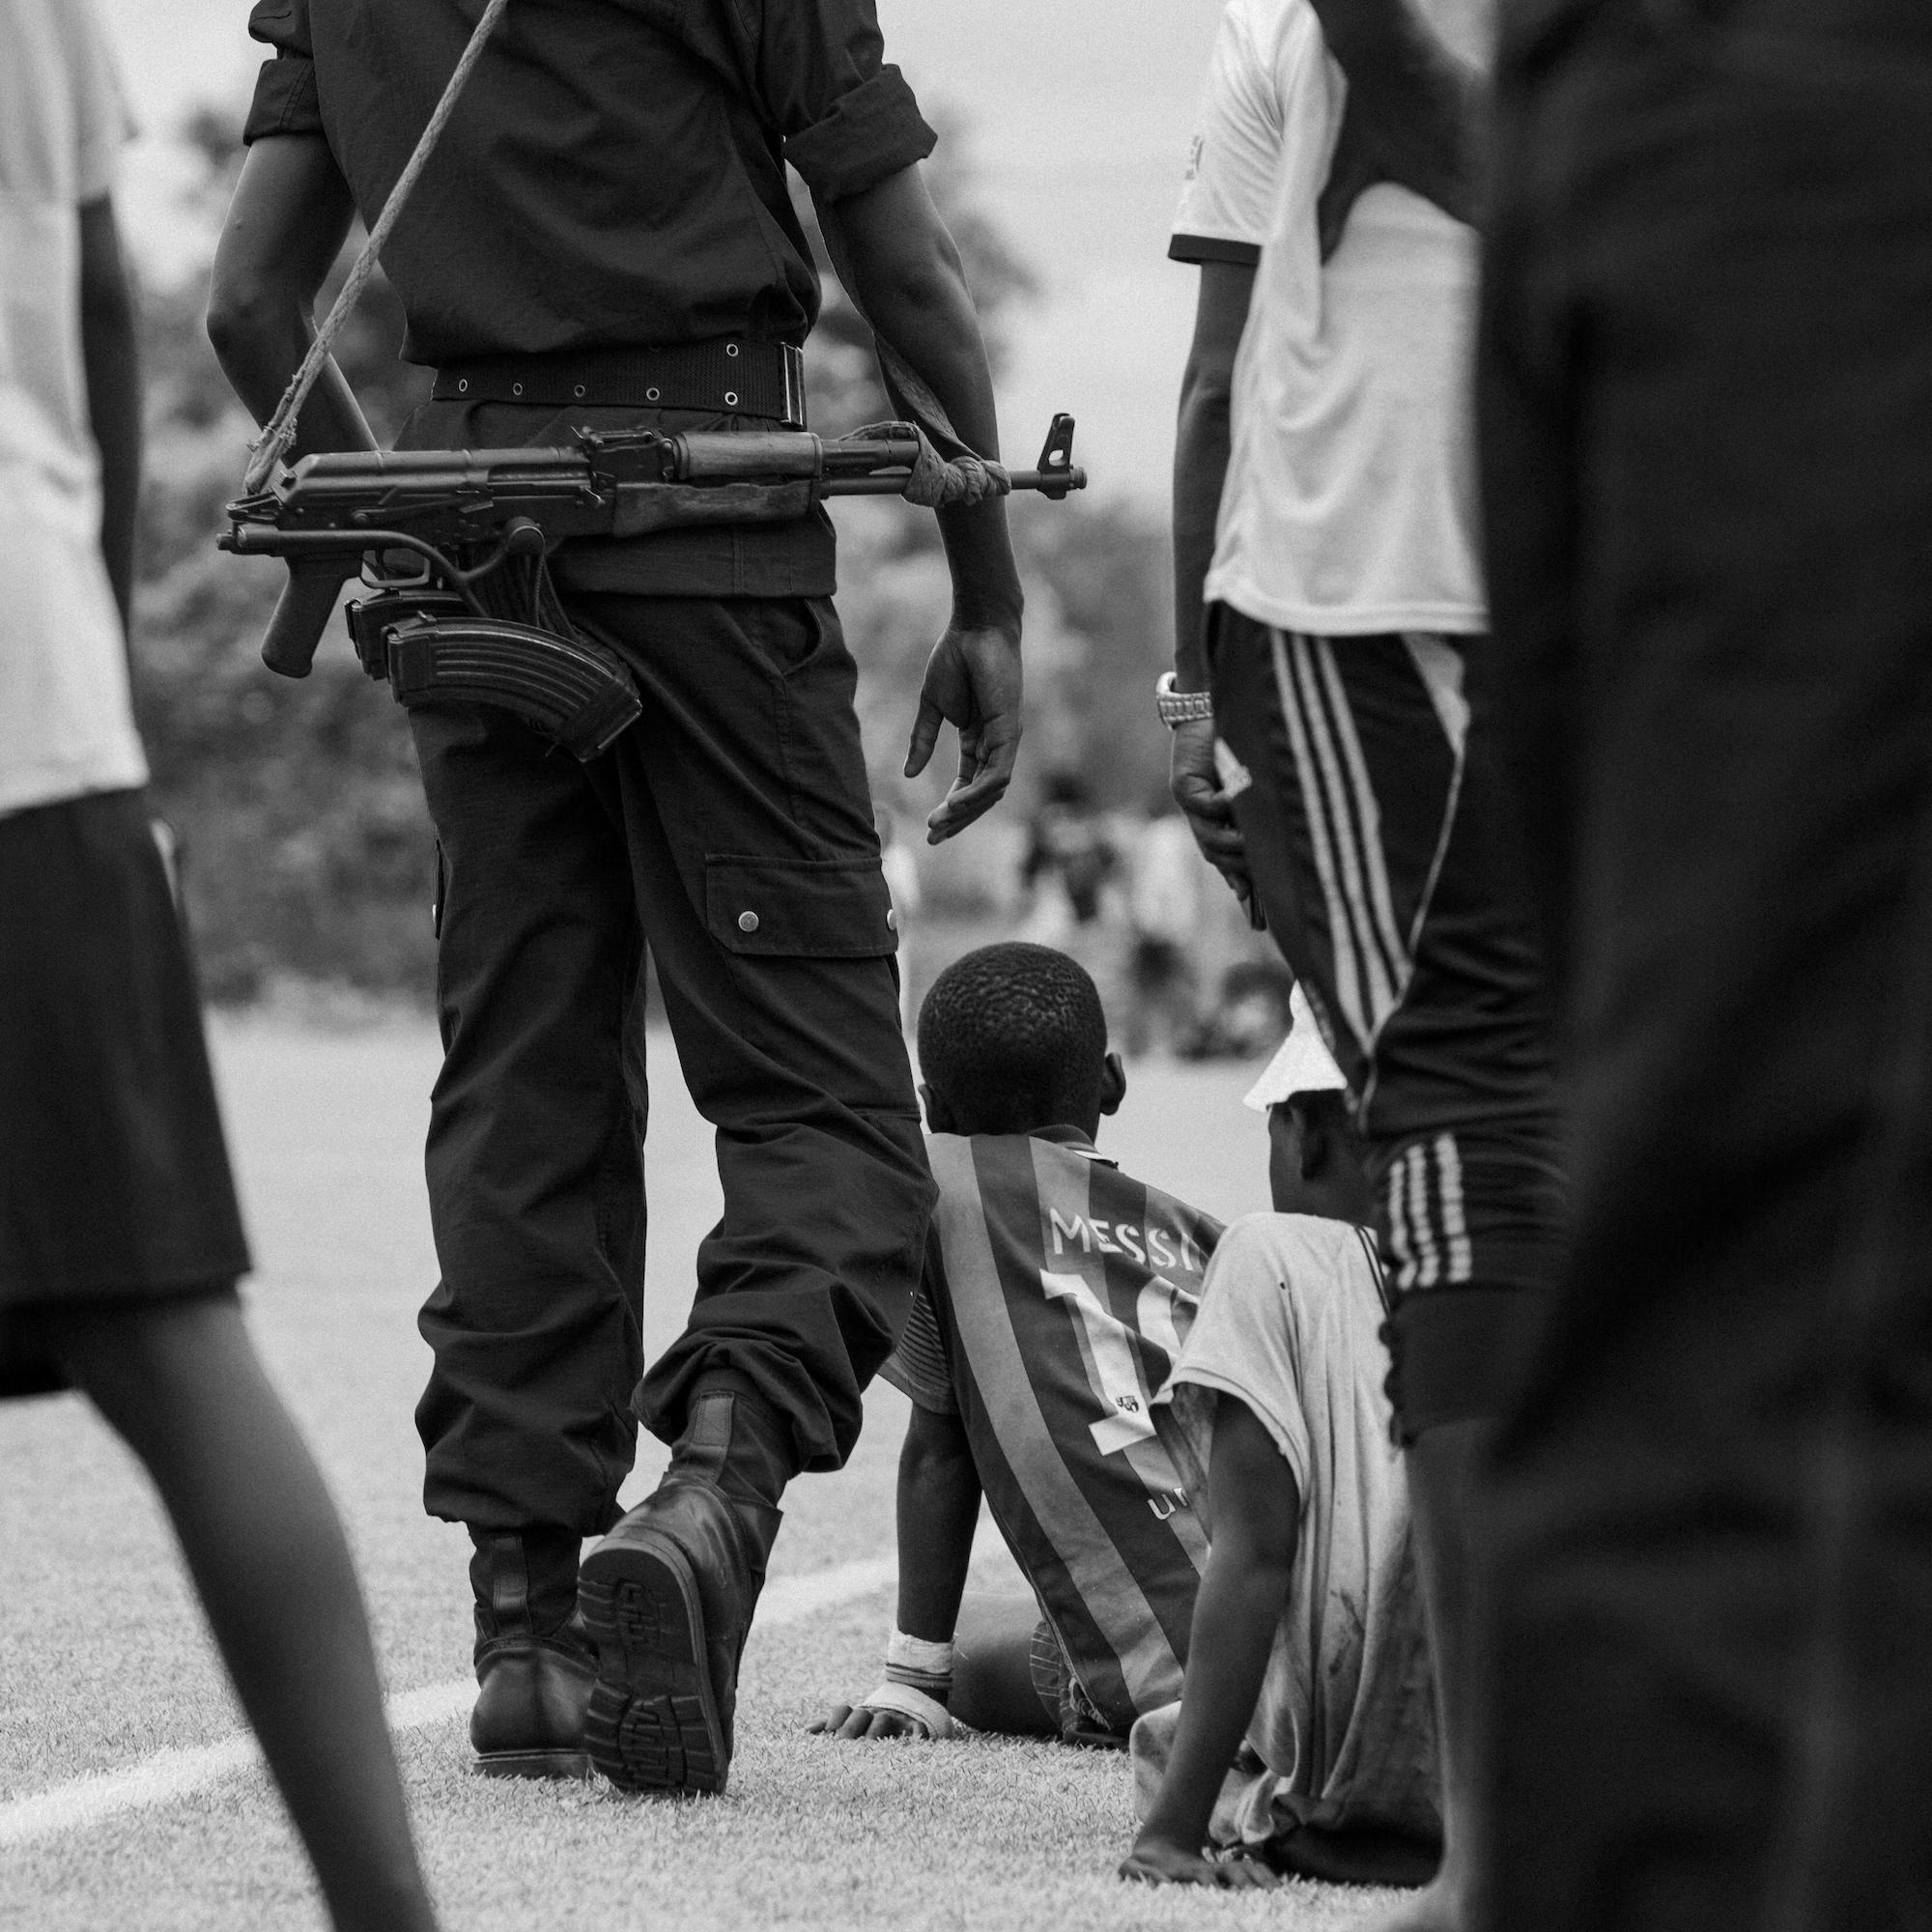 Burundische Polizei auf Patrouille.